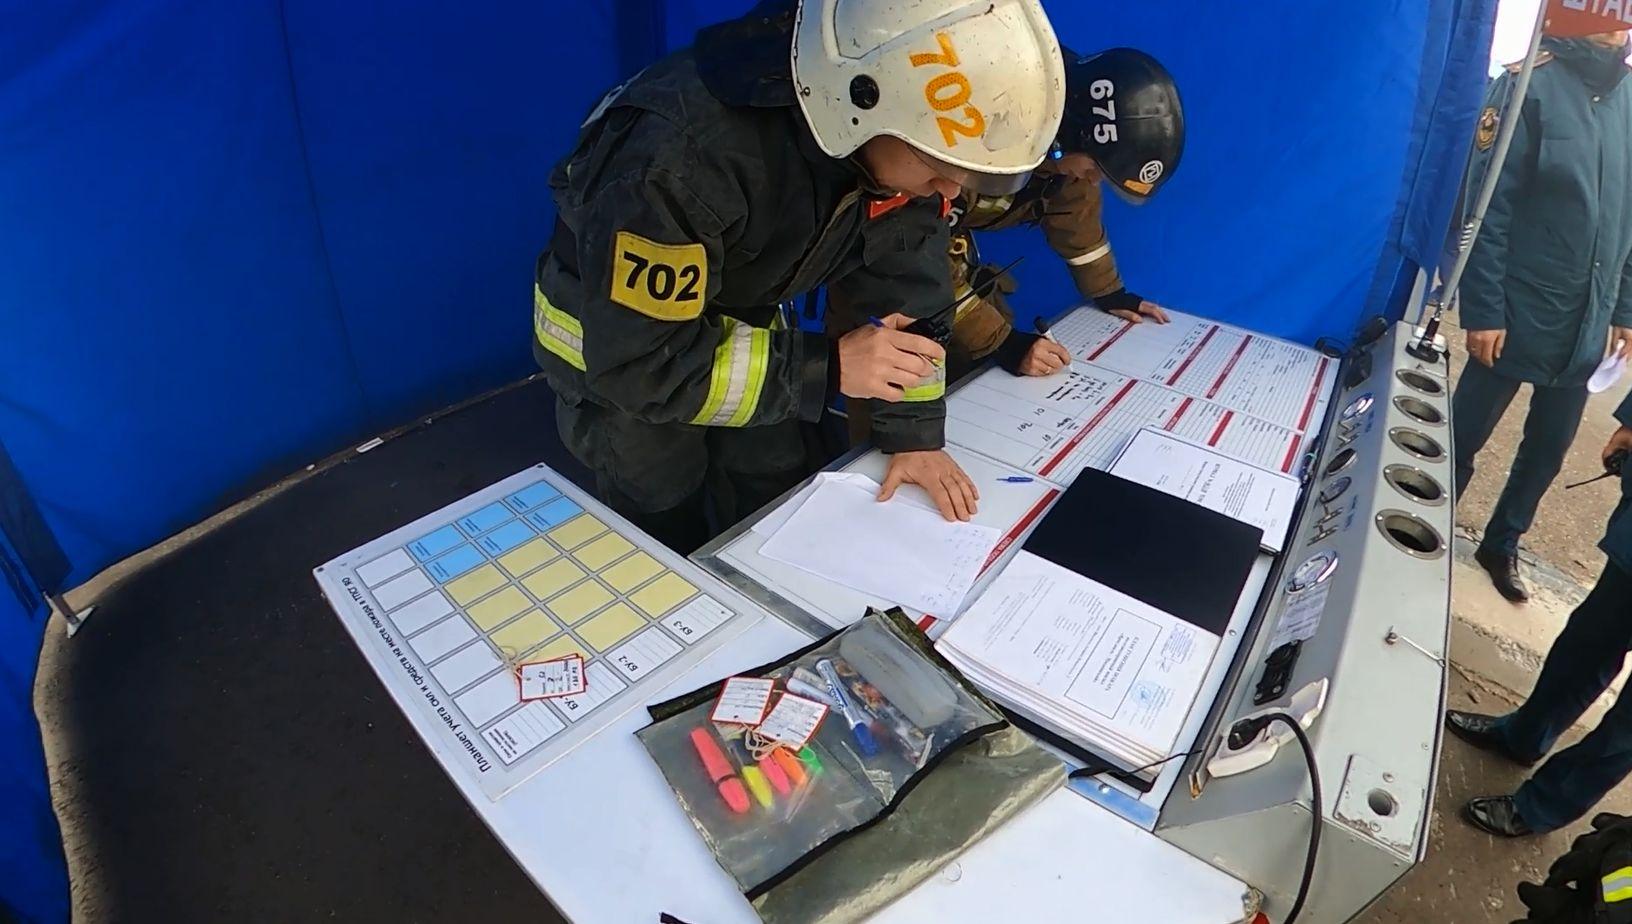 В селах и деревнях Ярославской области пожарные спасатели получили интернет для работы